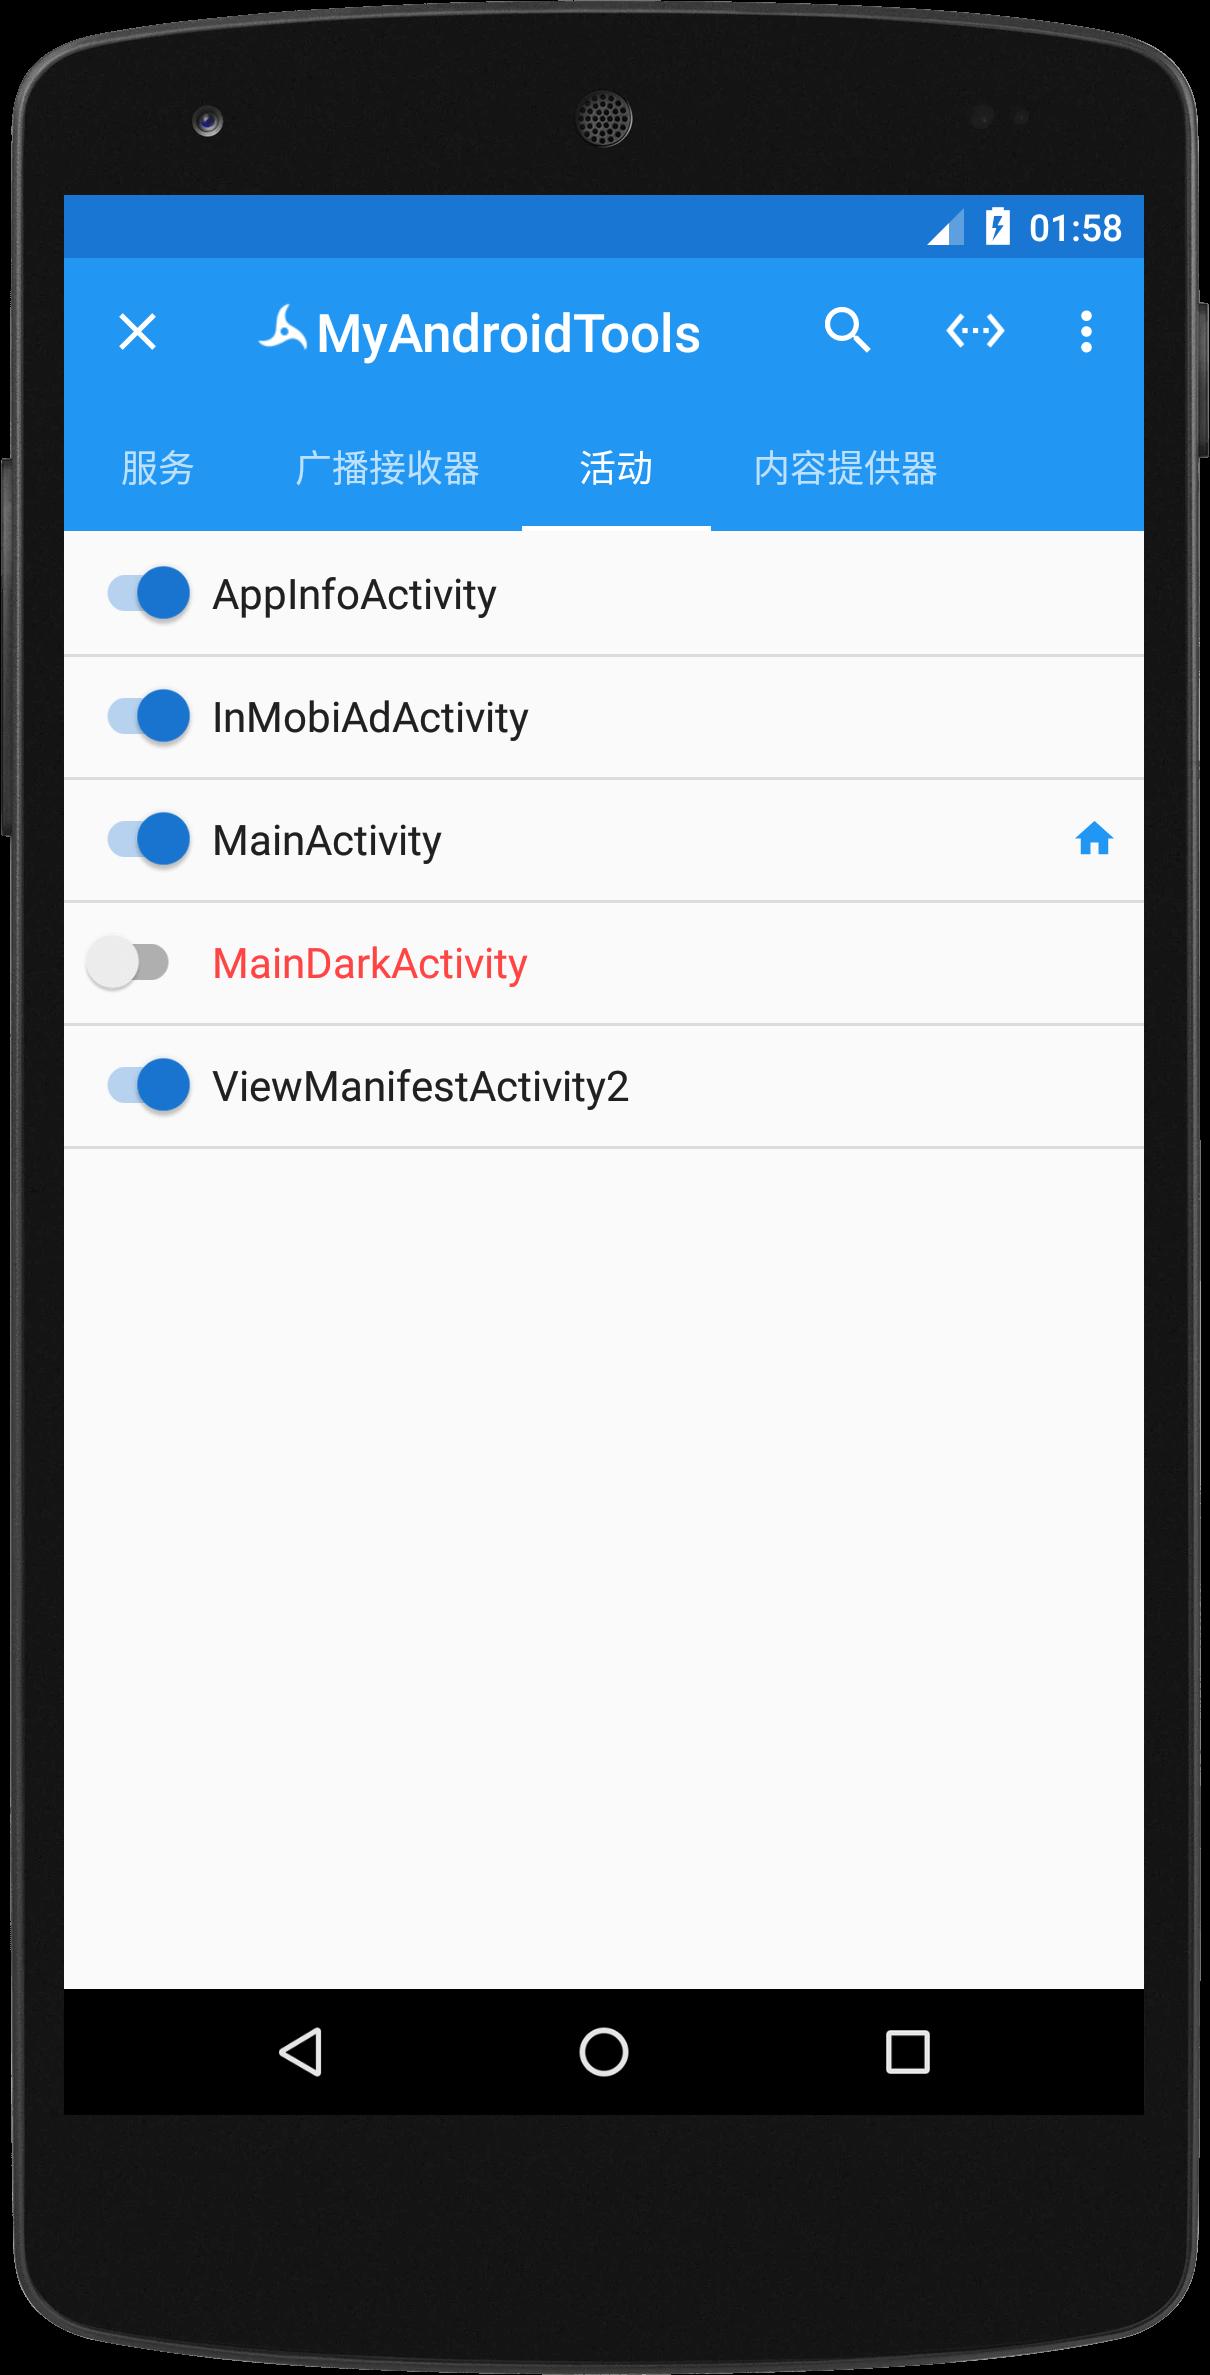 [应用所有组件列表]